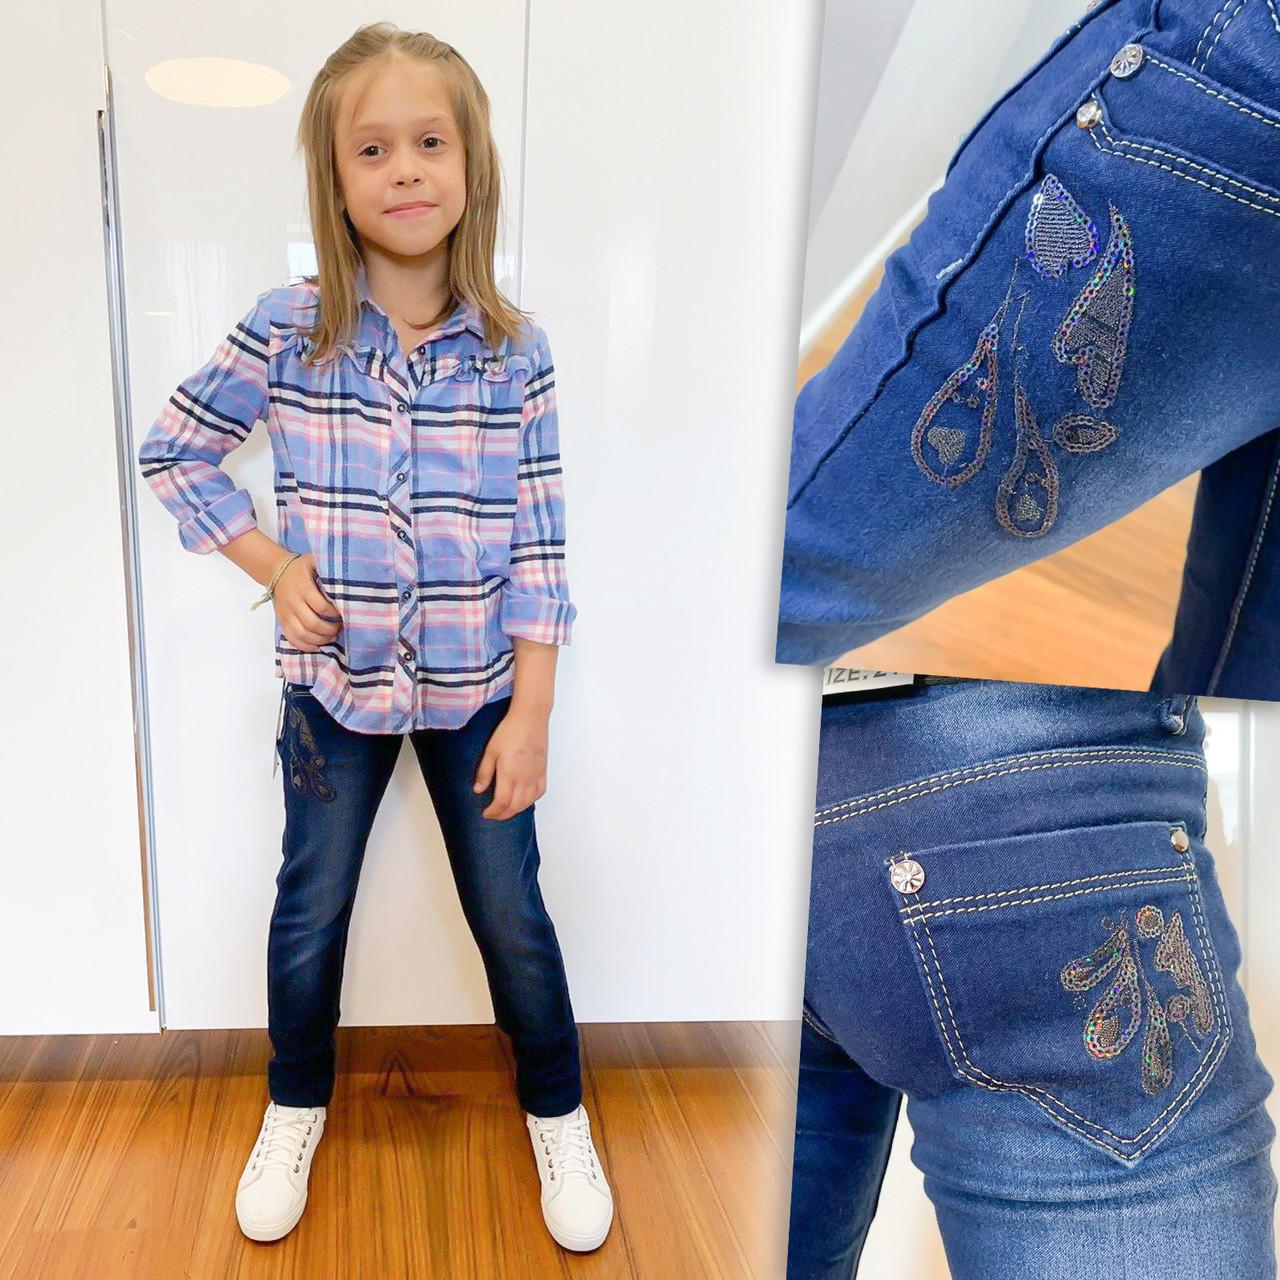 2018 Lafeidina джинсы на девочку синие с декоративной отделкой демисезонные стрейчевые (21-27, 7 ед.)